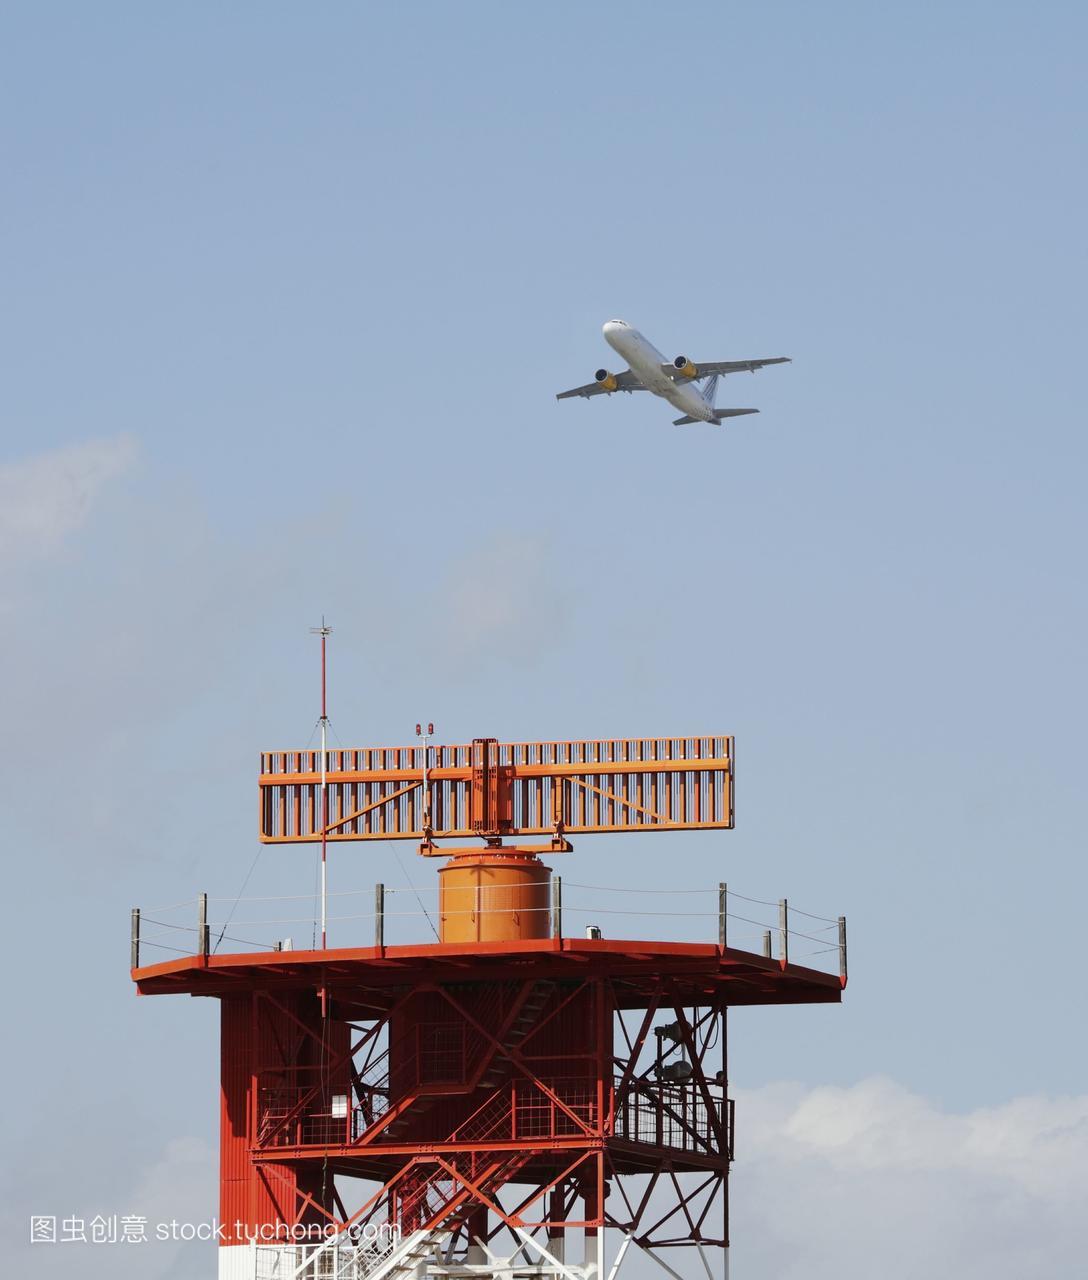 在马拉加机场的雷达装置上飞行的客机;西班牙